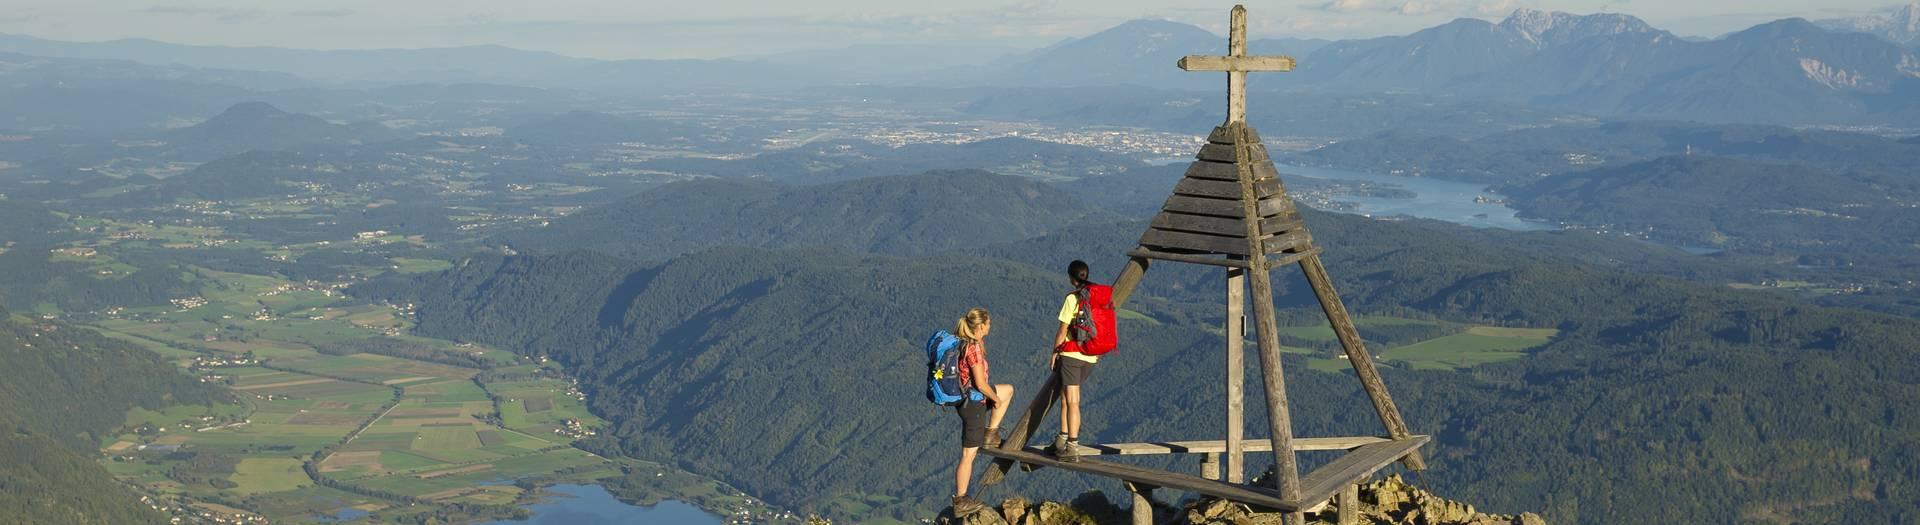 Wandern auf der Gerlitzen am Alpe-Adria-Trail in der Region Villach